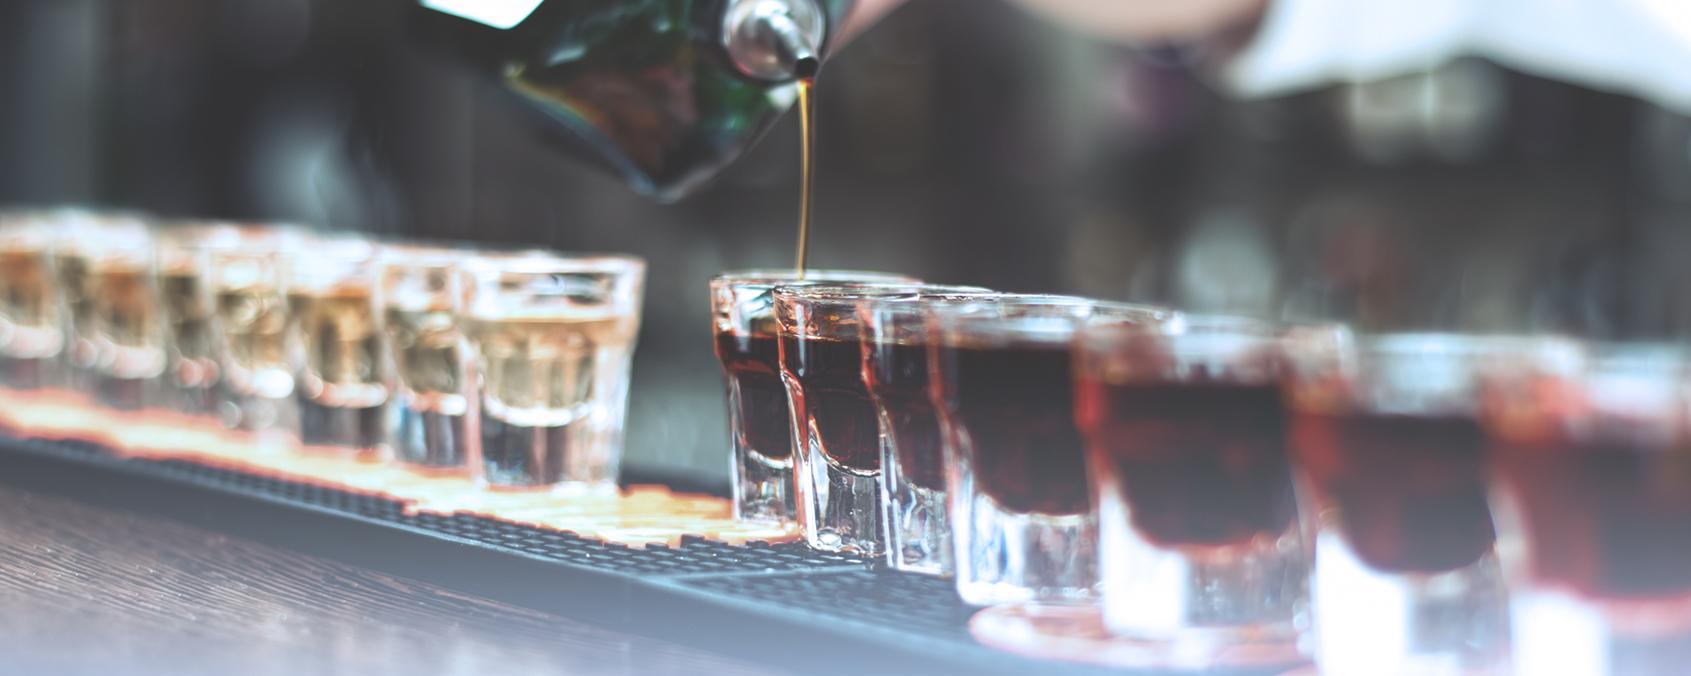 Contrôle de boisson